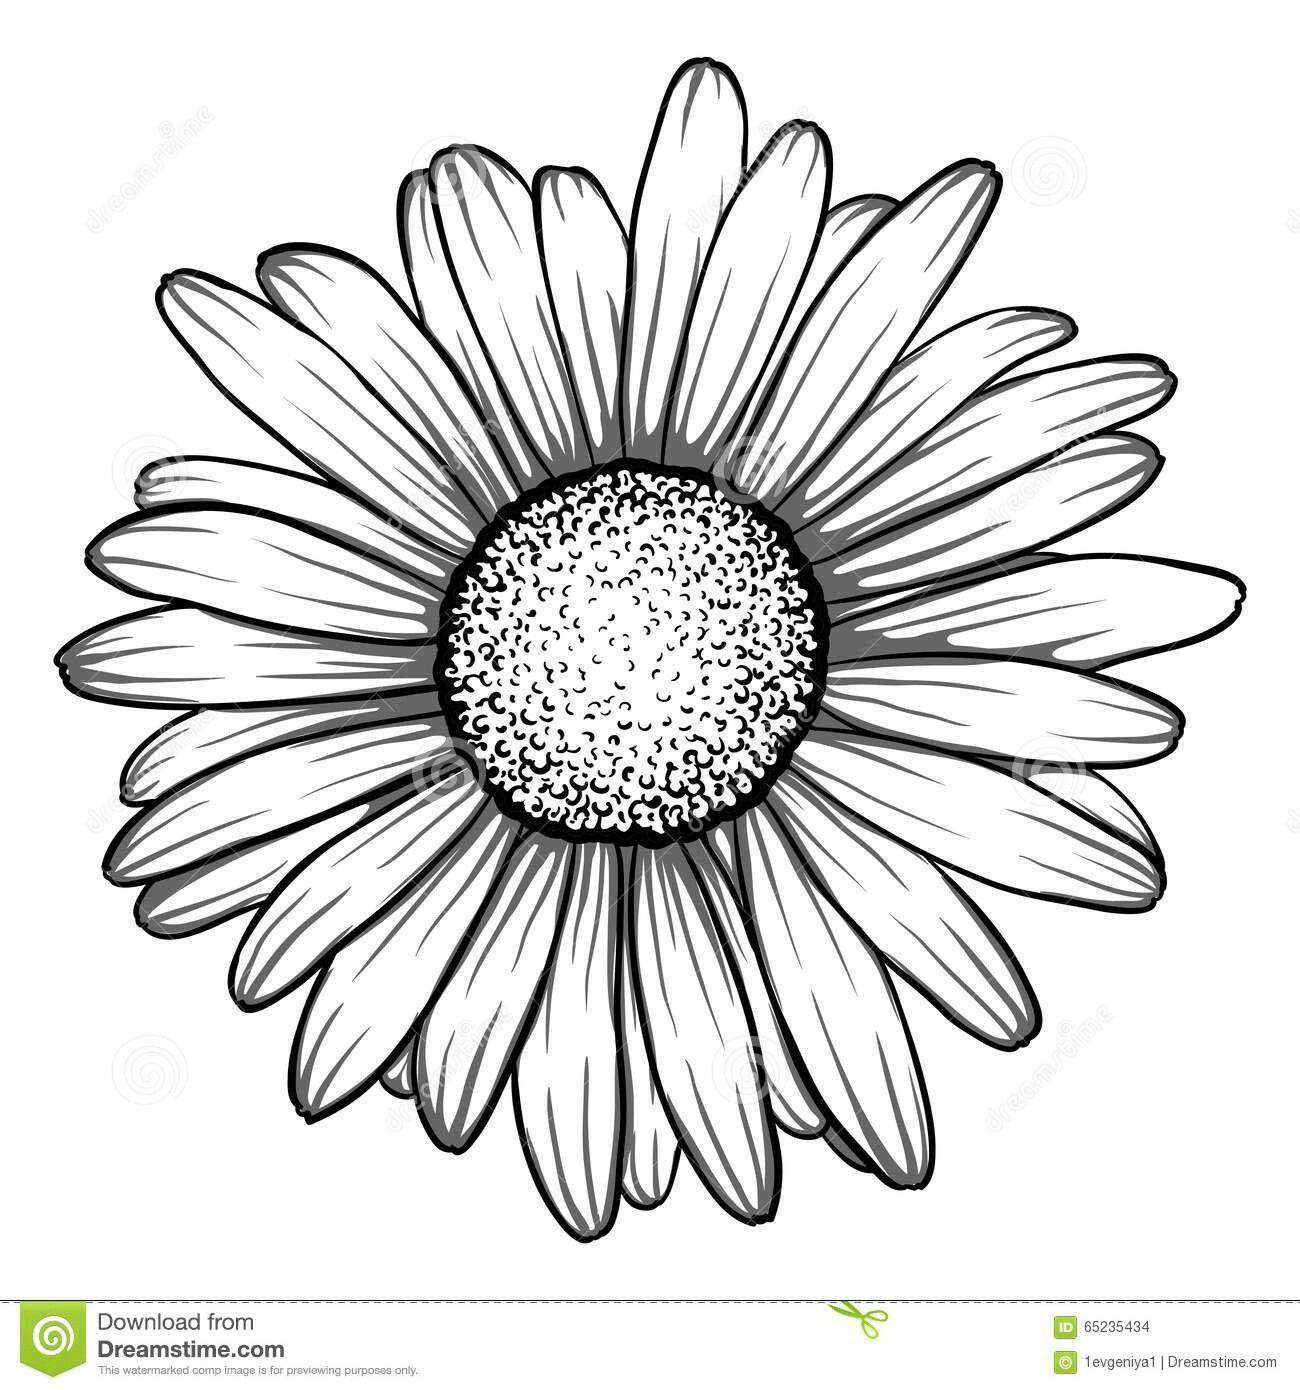 pingl par sur tattoo pinterest dessin marguerite dessin et dessin fleur. Black Bedroom Furniture Sets. Home Design Ideas